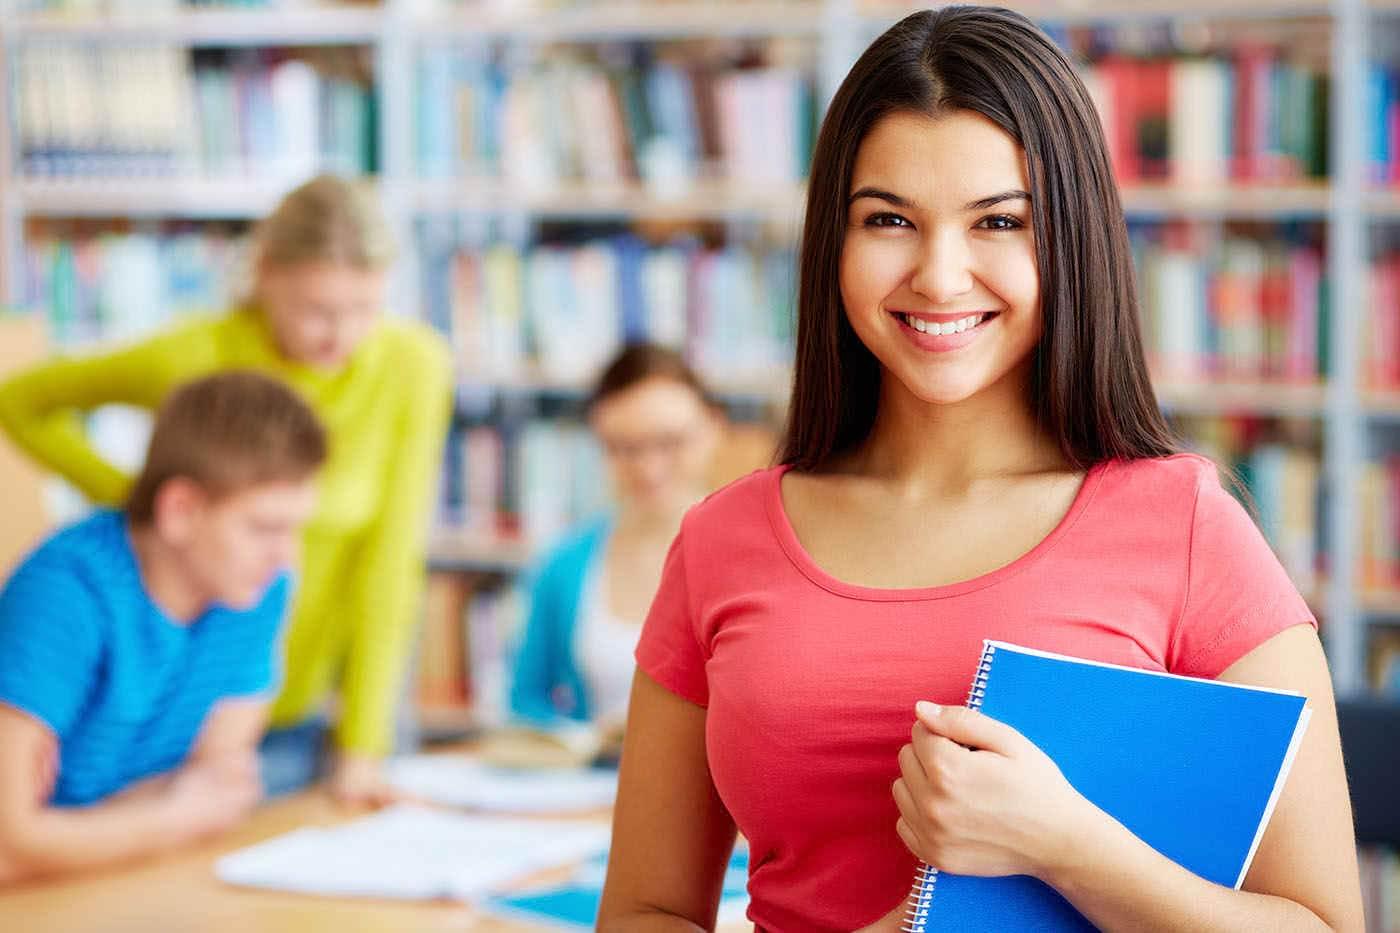 Educația școlară scade riscul cardiovascular [studiu]